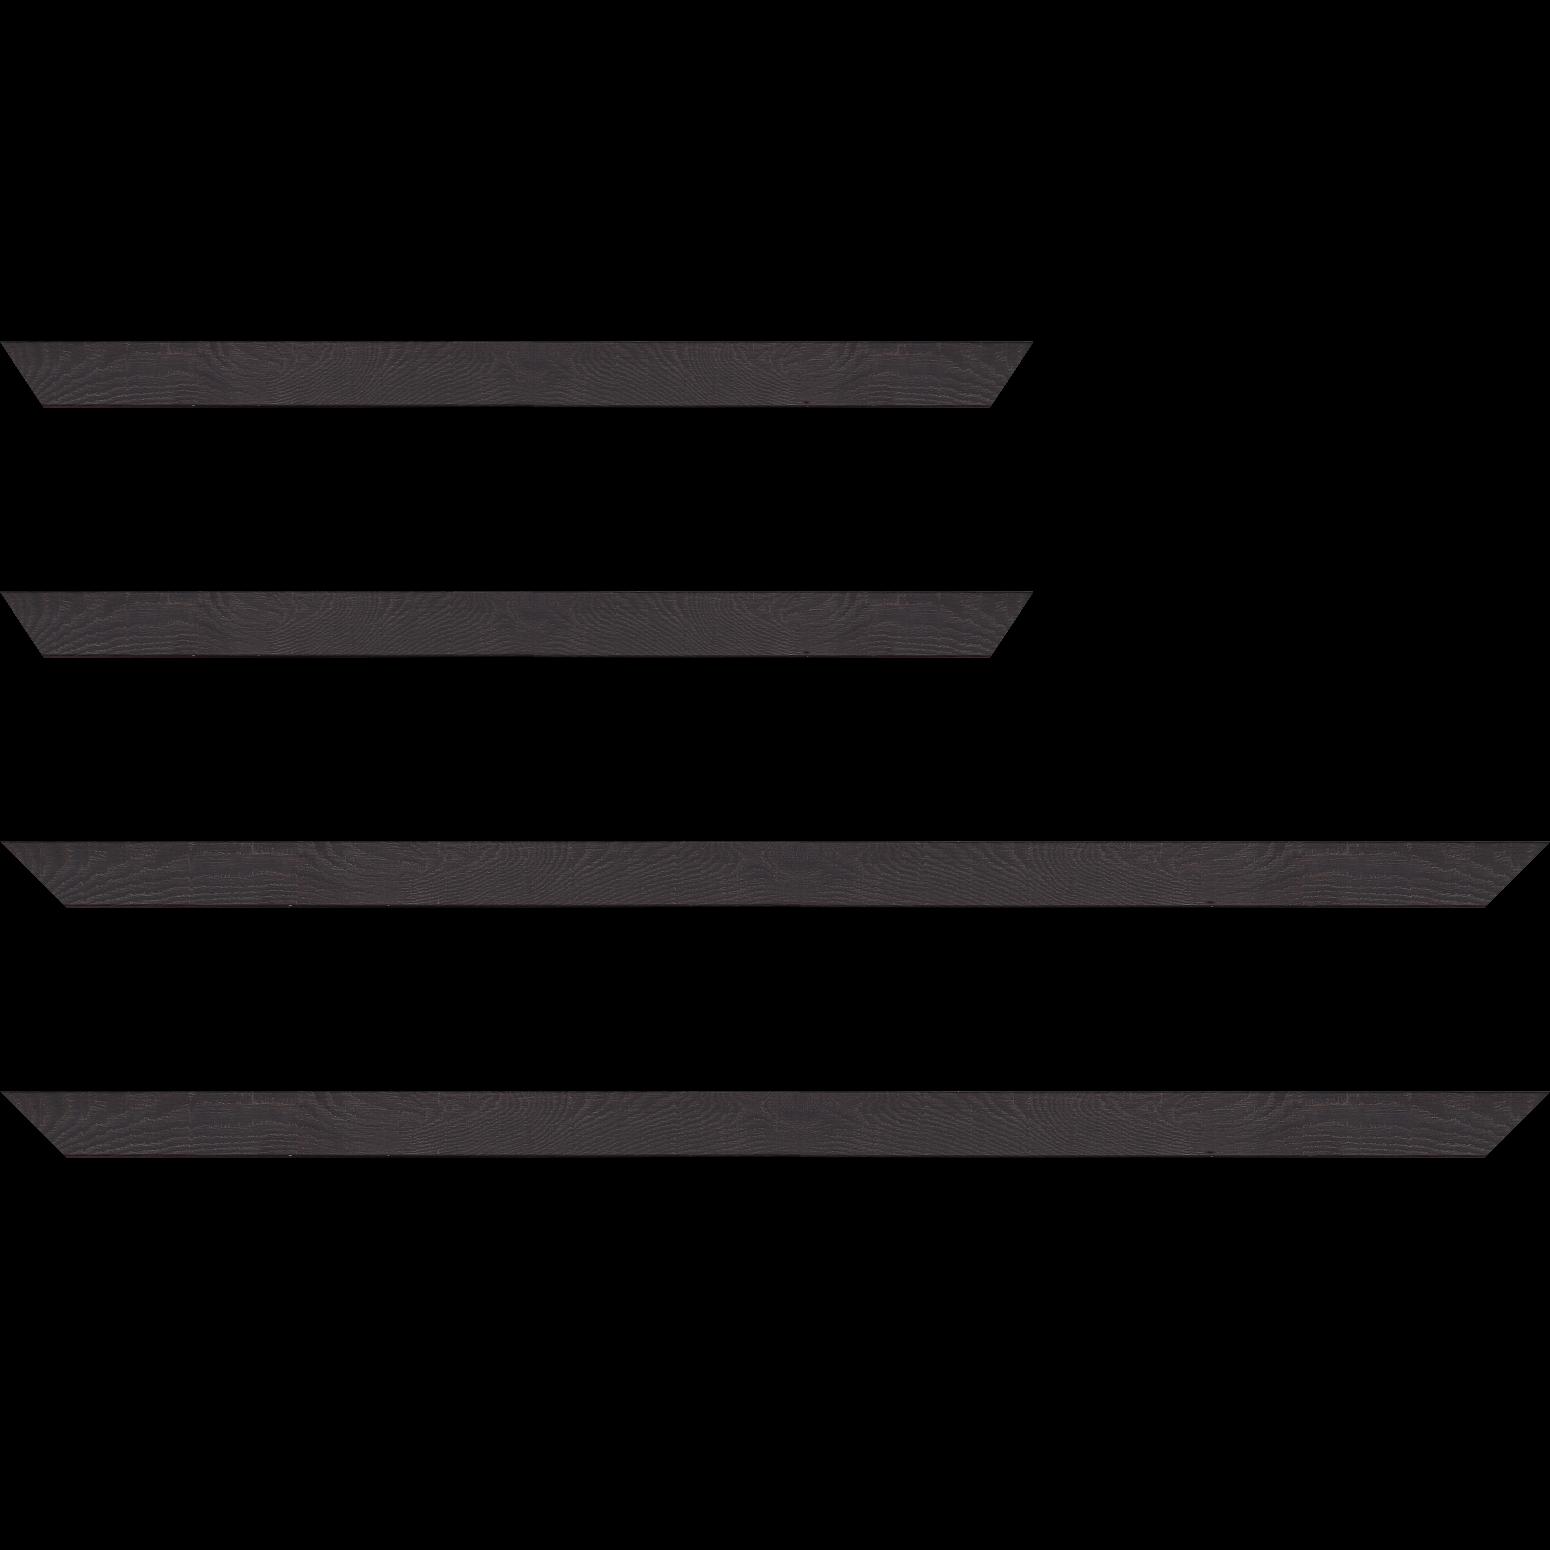 Baguette service précoupé Bois profil plat largeur 2cm décor bois wengé foncé